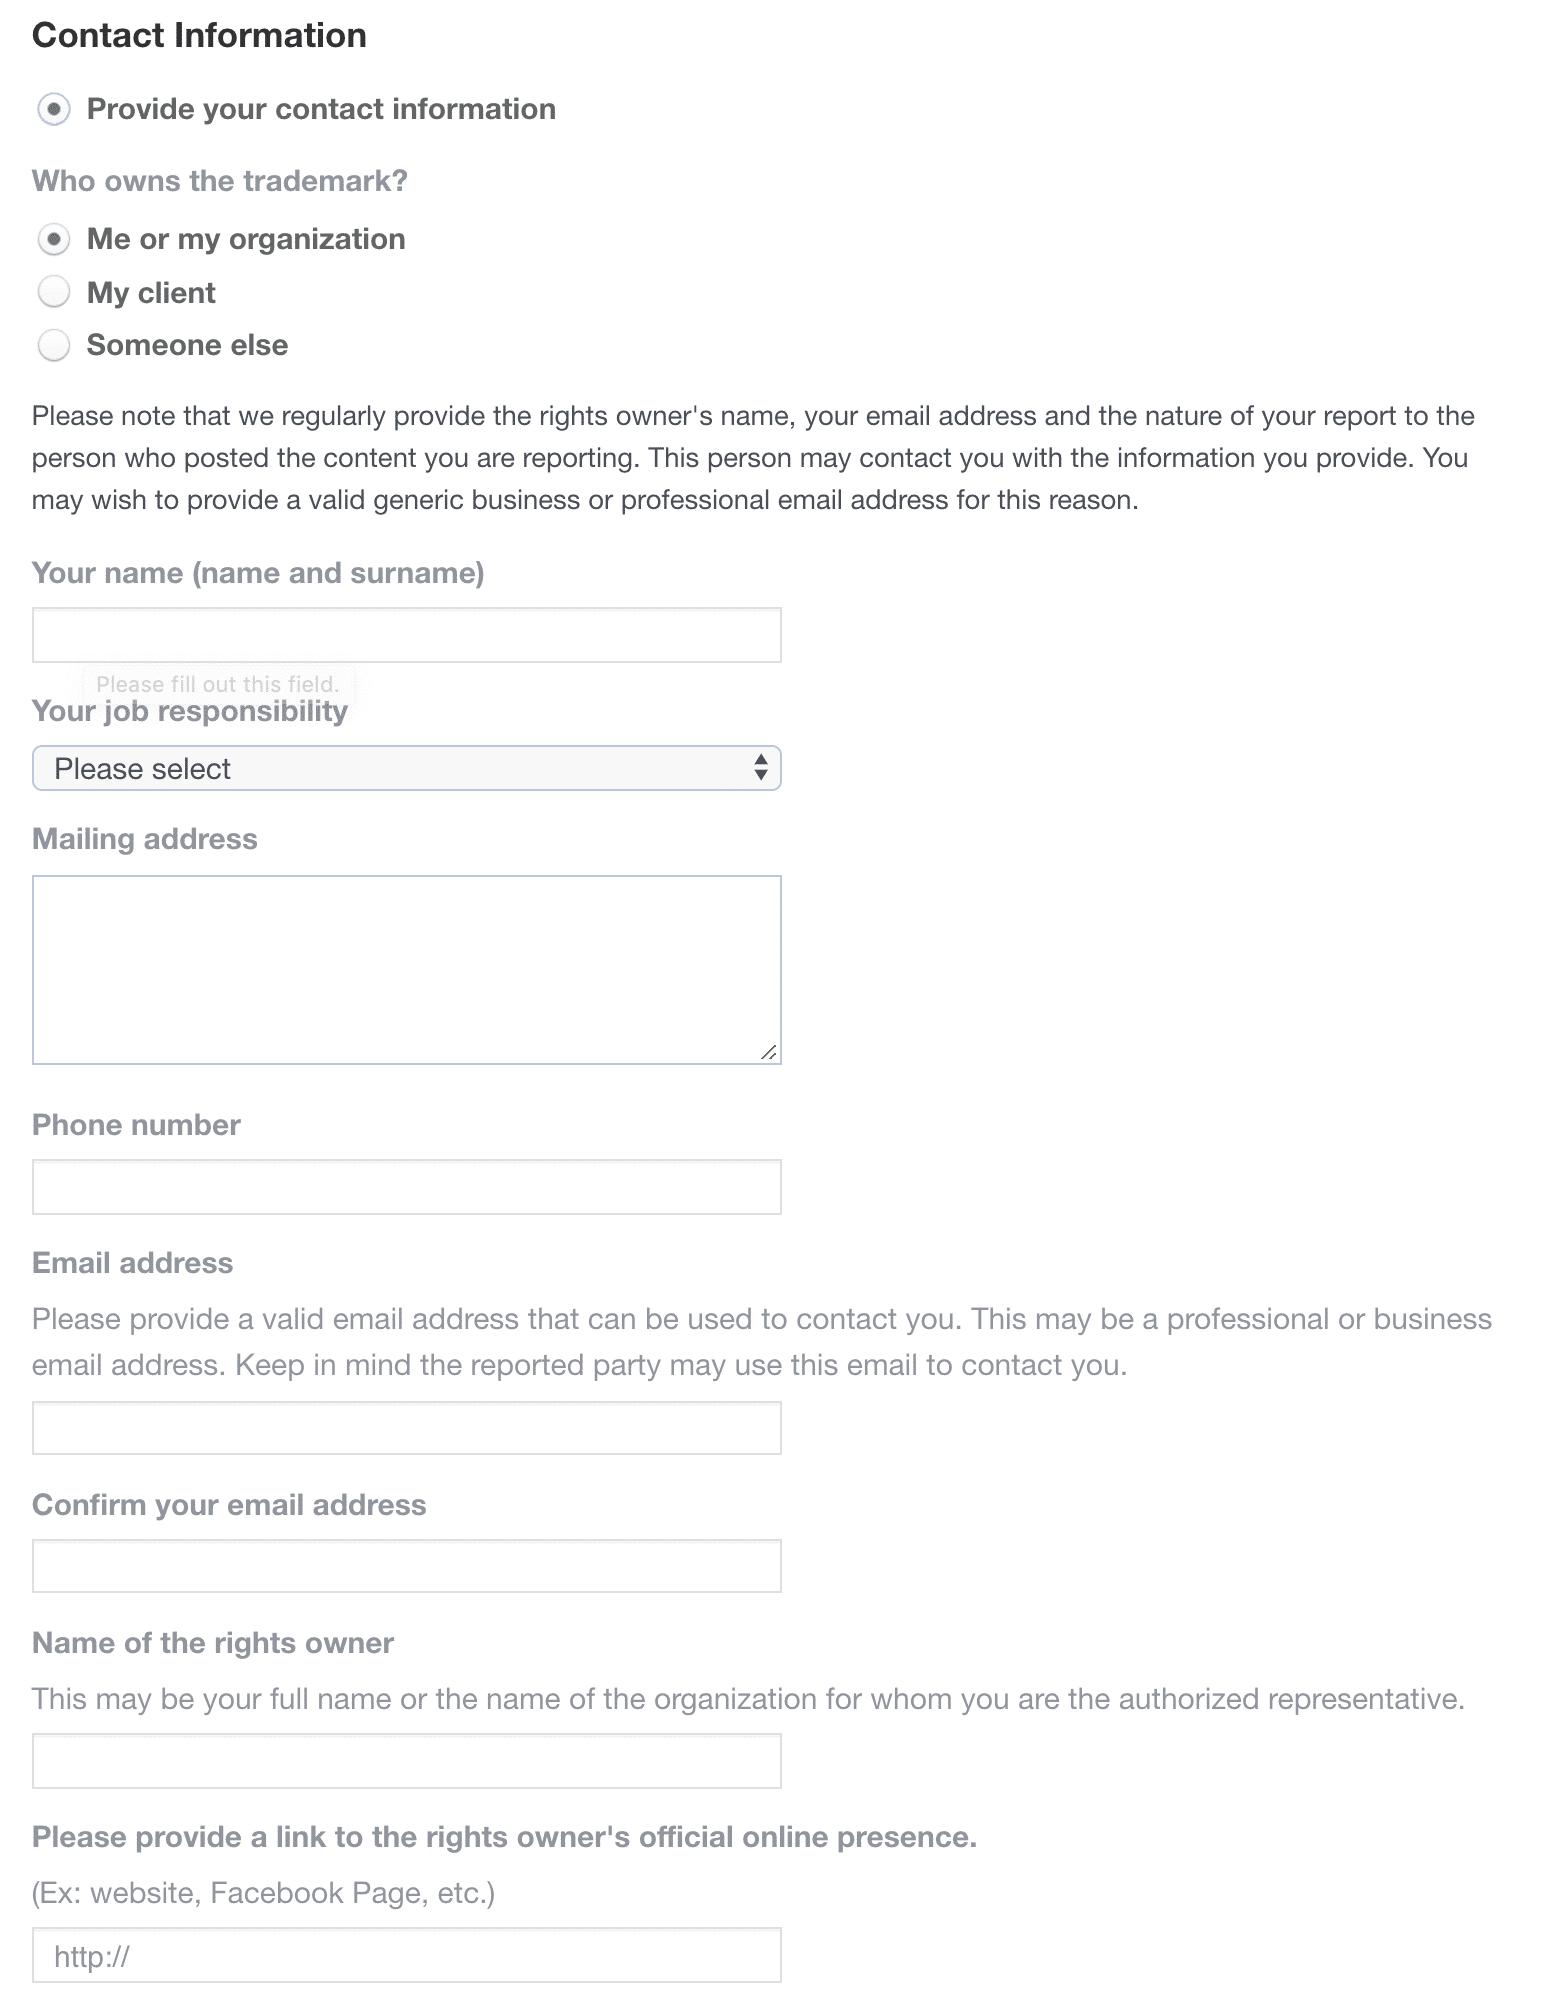 Melding schending handelsmerk Facebook contactinformatie